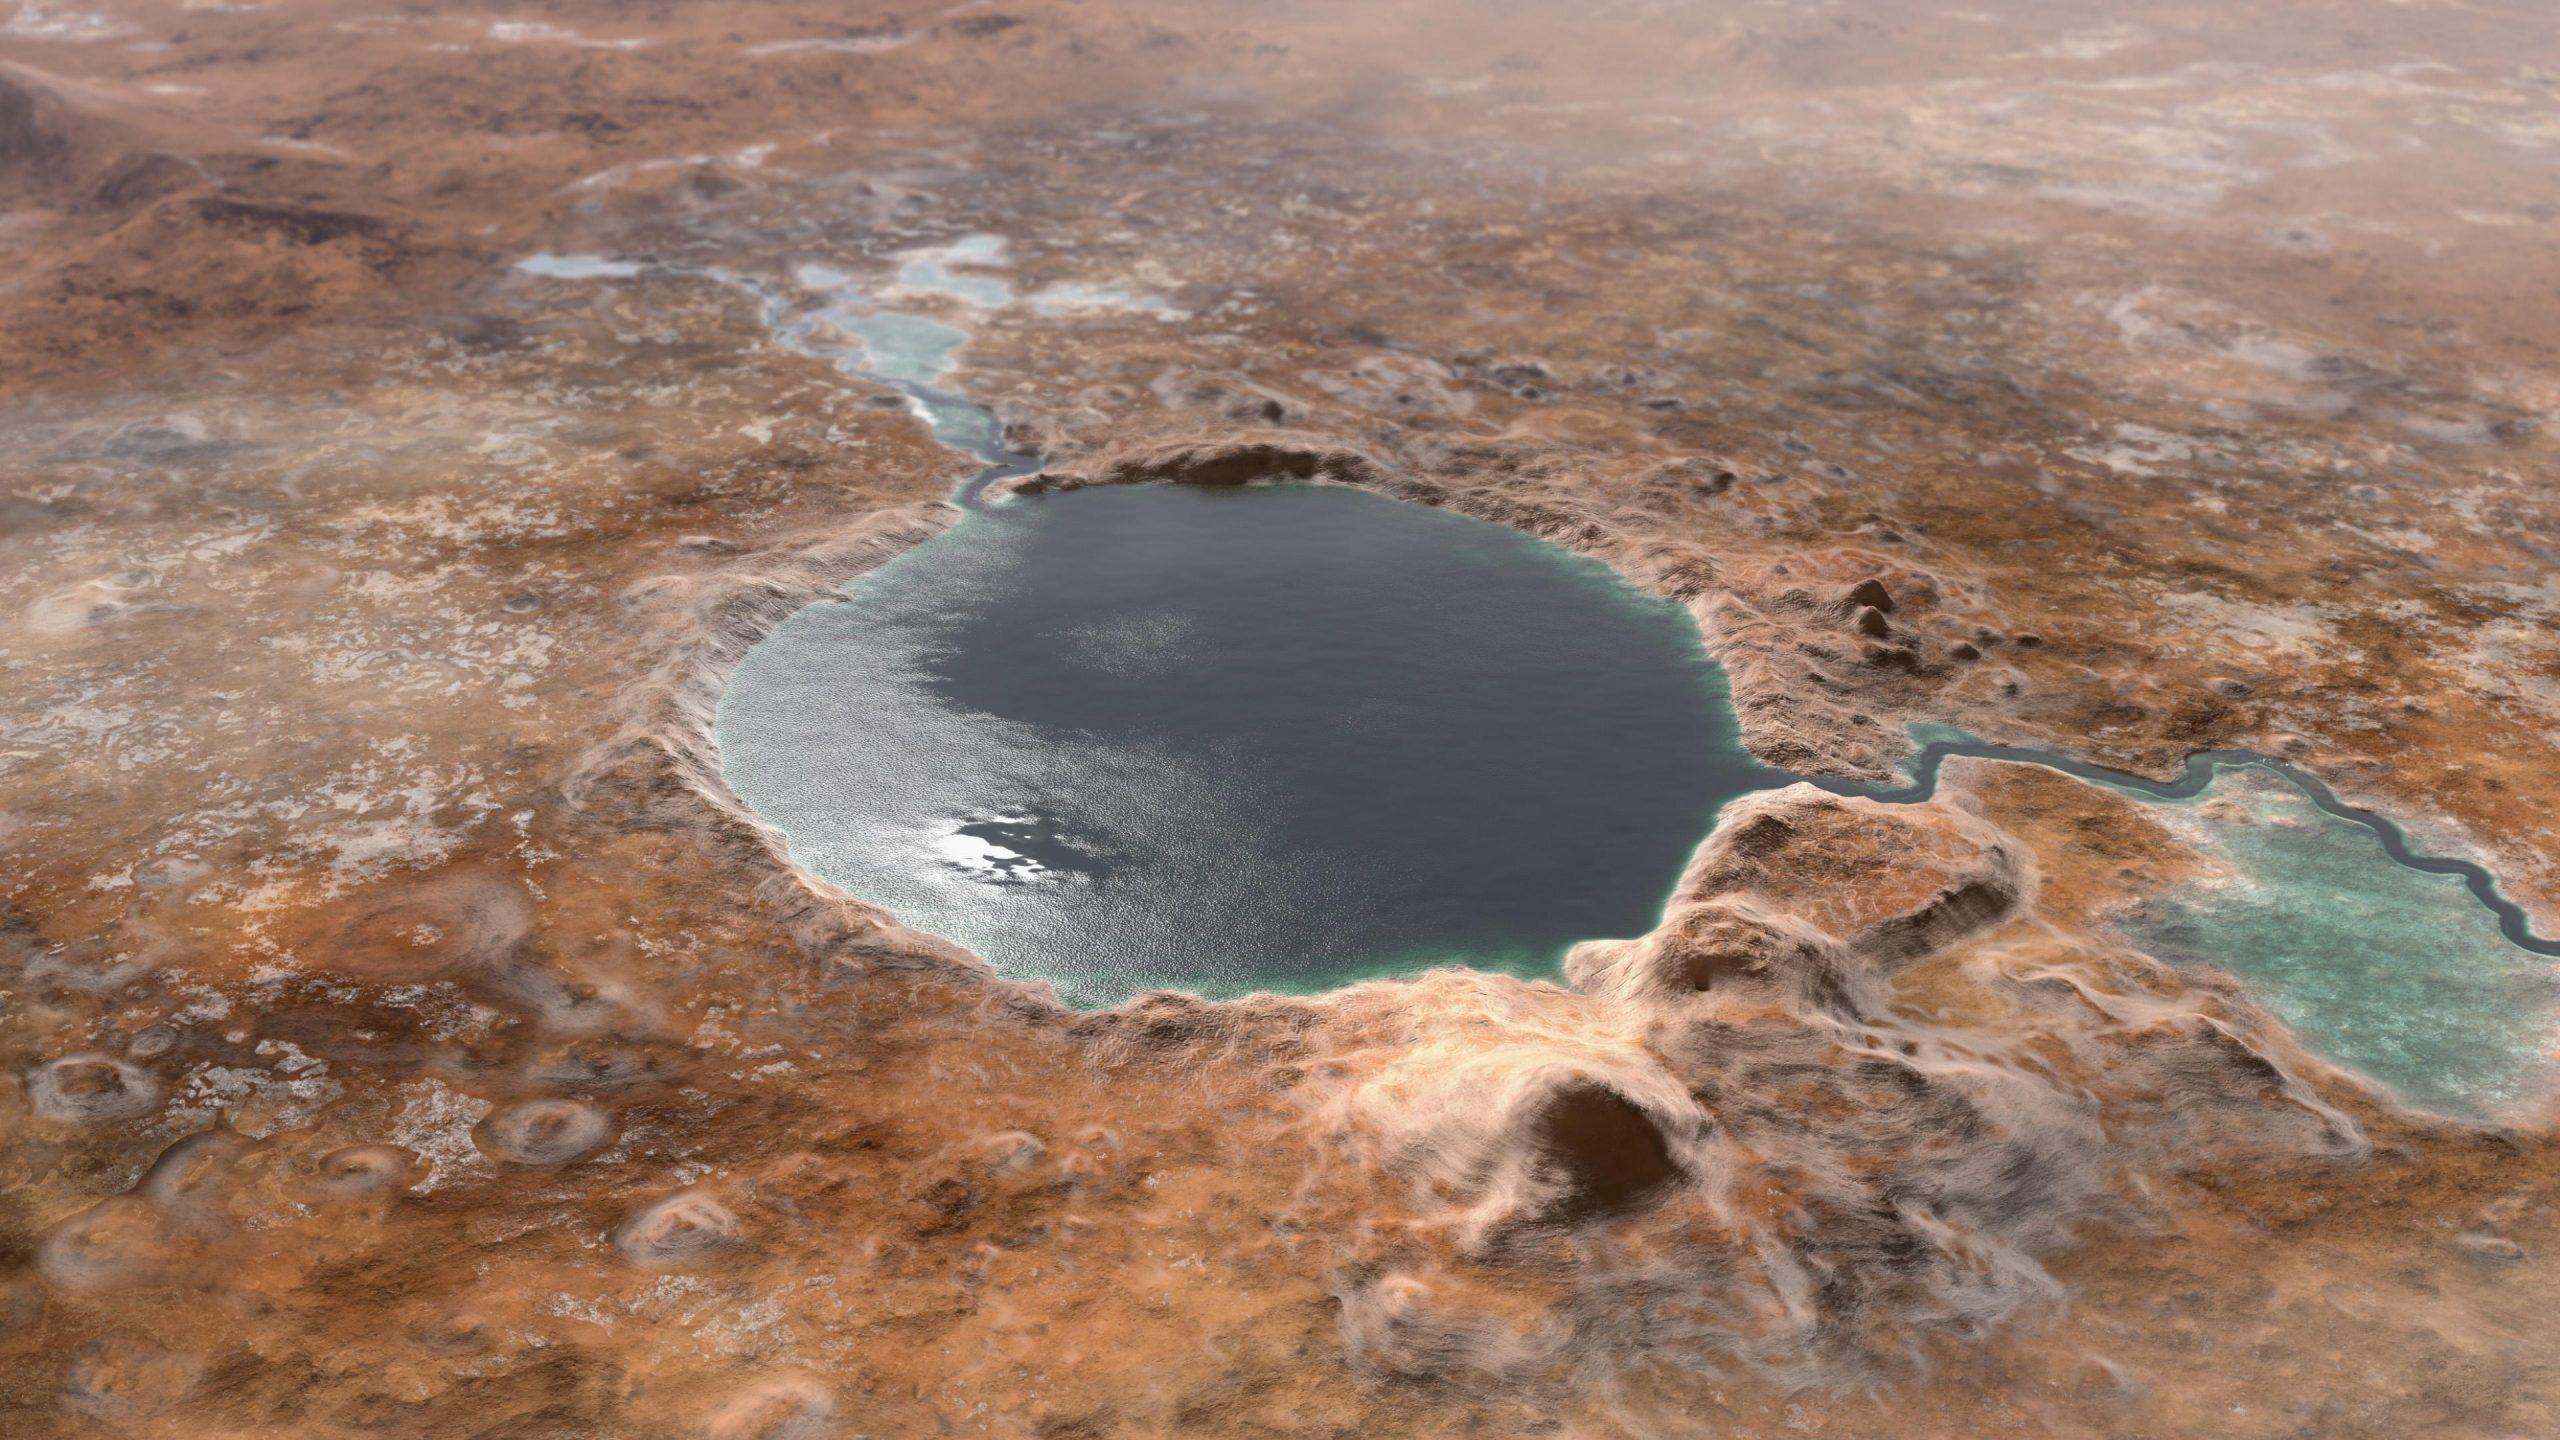 Modélisation de ce à quoi aurait pu ressembler Jezero sur Mars il y a très longtemps